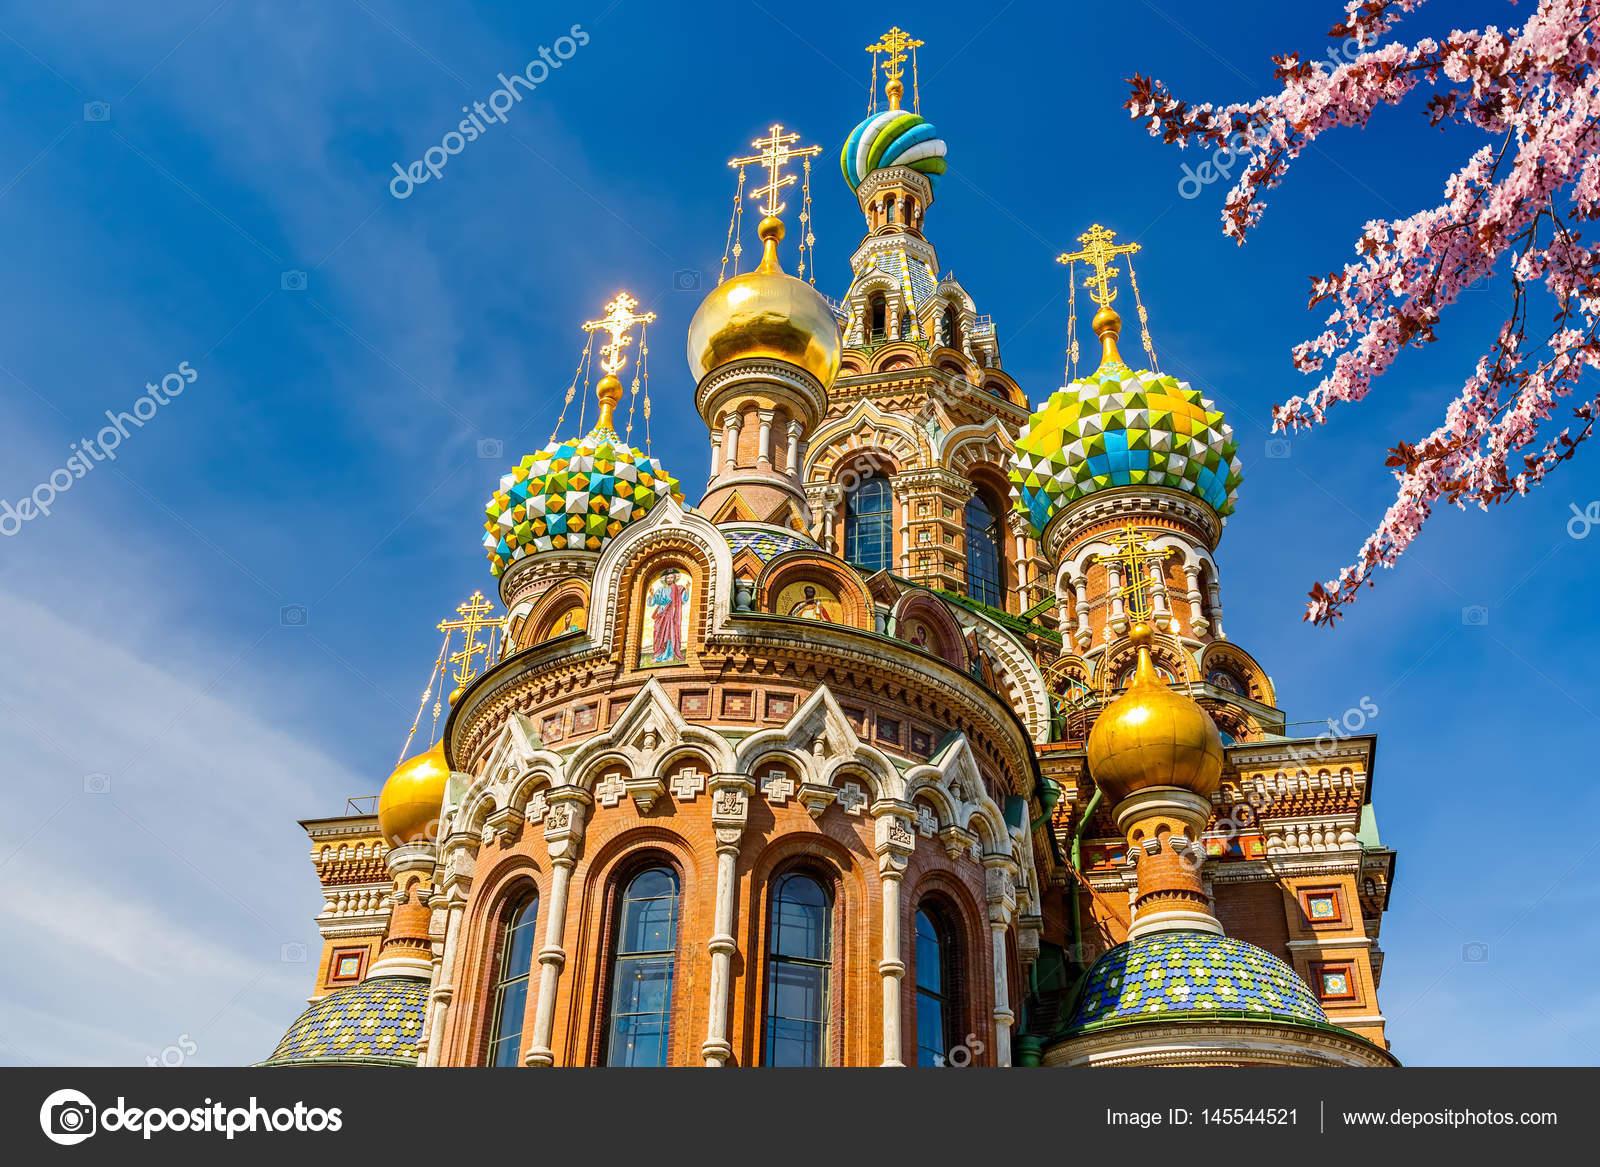 圣彼得堡滴血大教堂_滴血的救世主大教堂 — 图库照片©sborisov#145544521